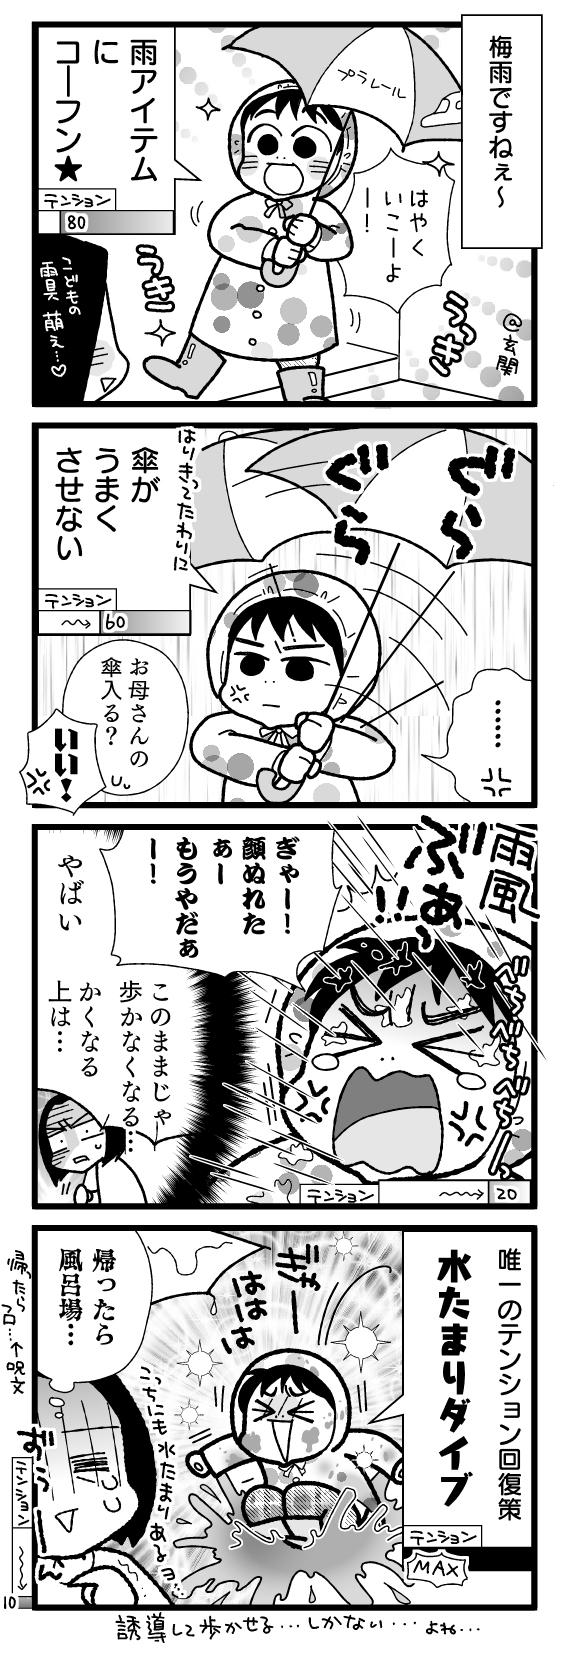 漫画『怒濤のにゅーじヨージ』Vol.209「梅雨あるある。。」 1コマ目